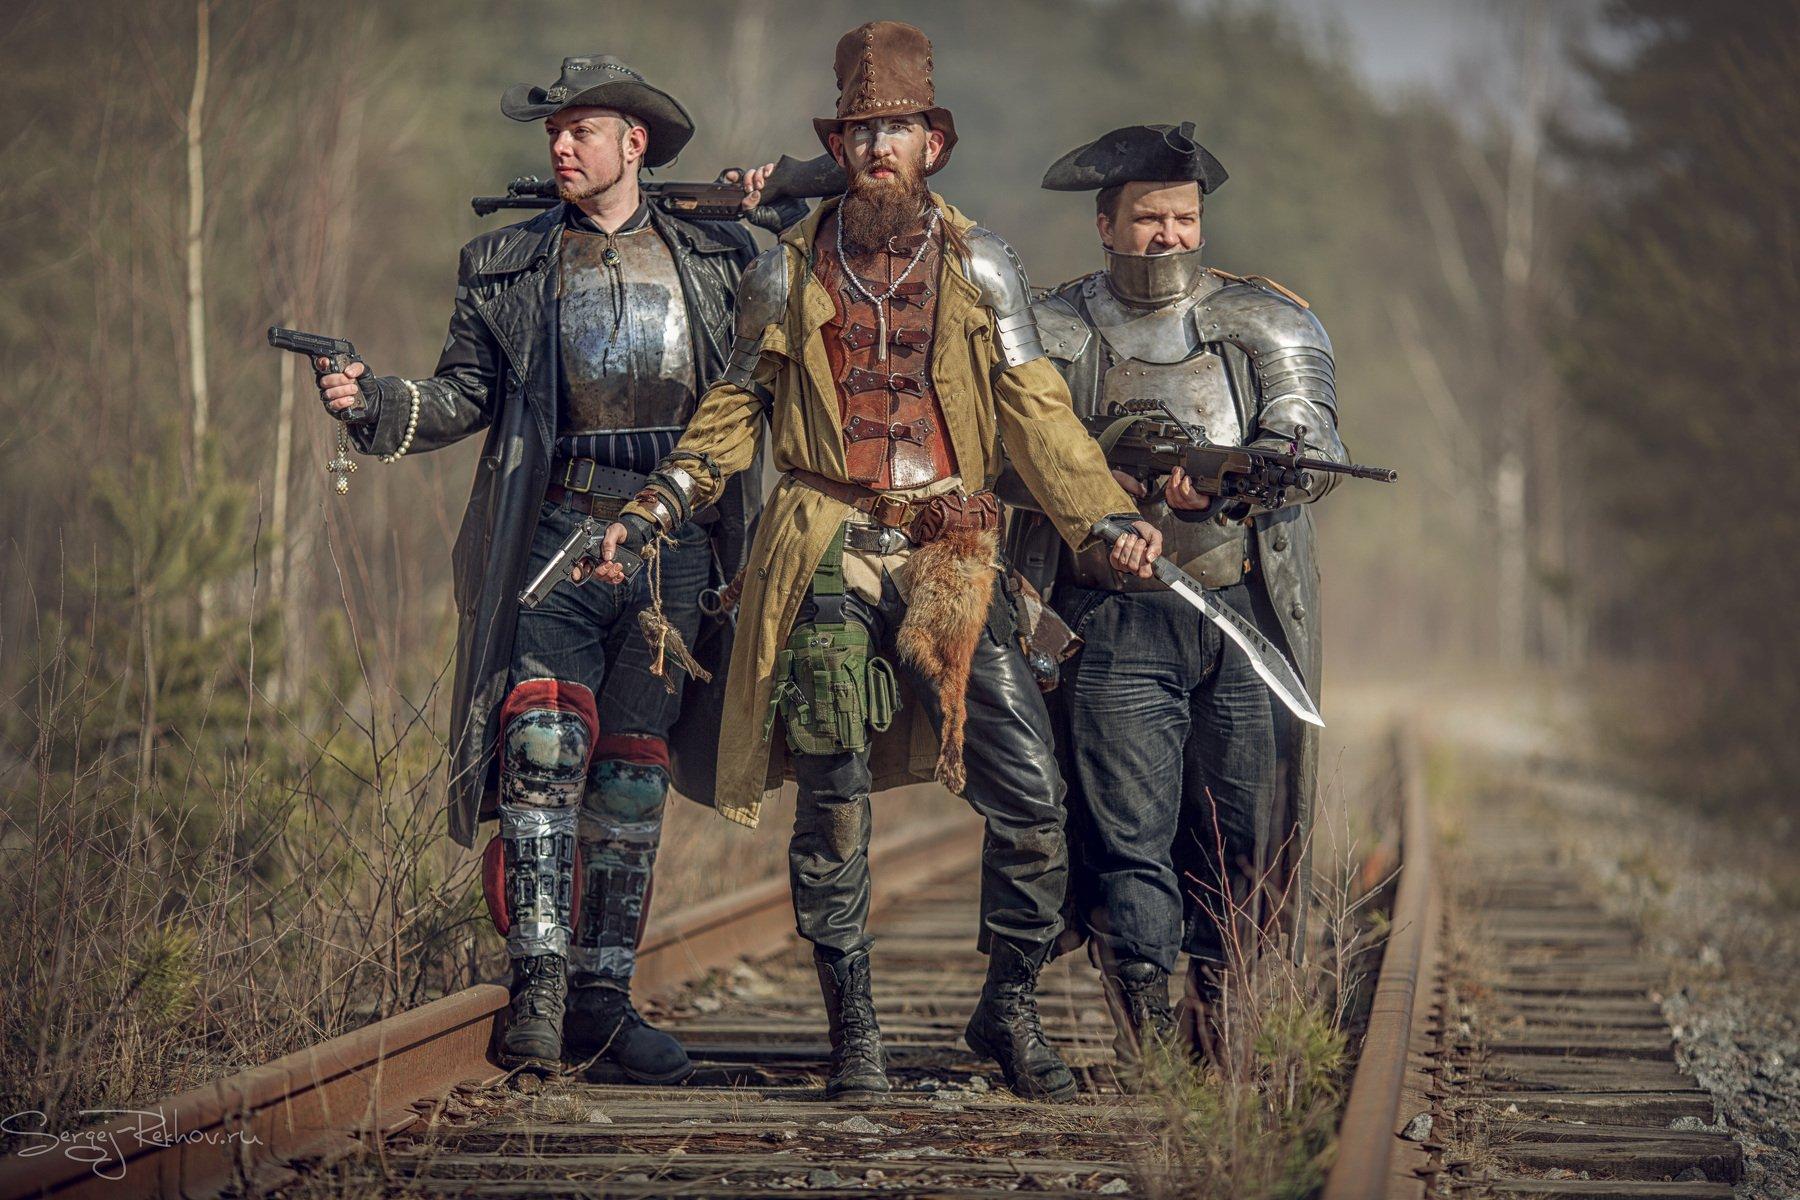 охотник, железная дорога, путь, приключение, Сергей Рехов